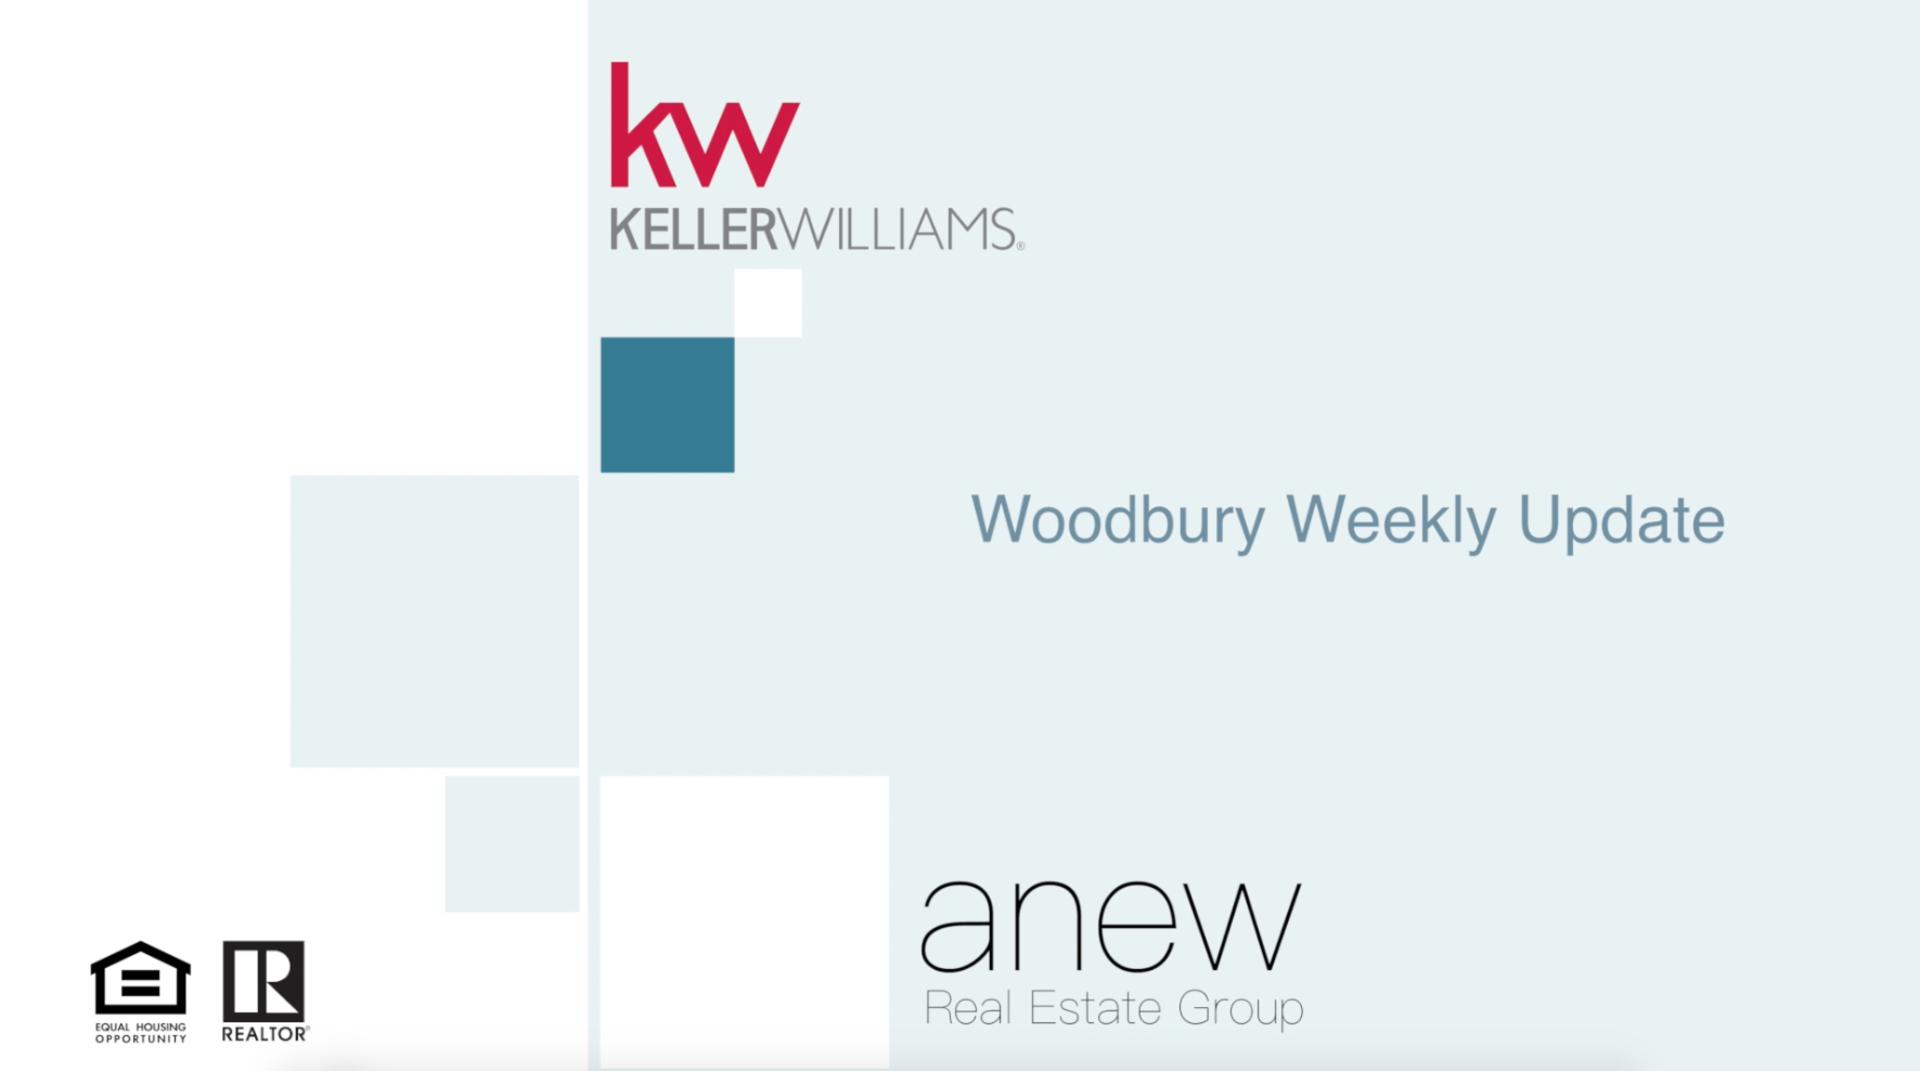 Woodbury Weekly Update: September 4th